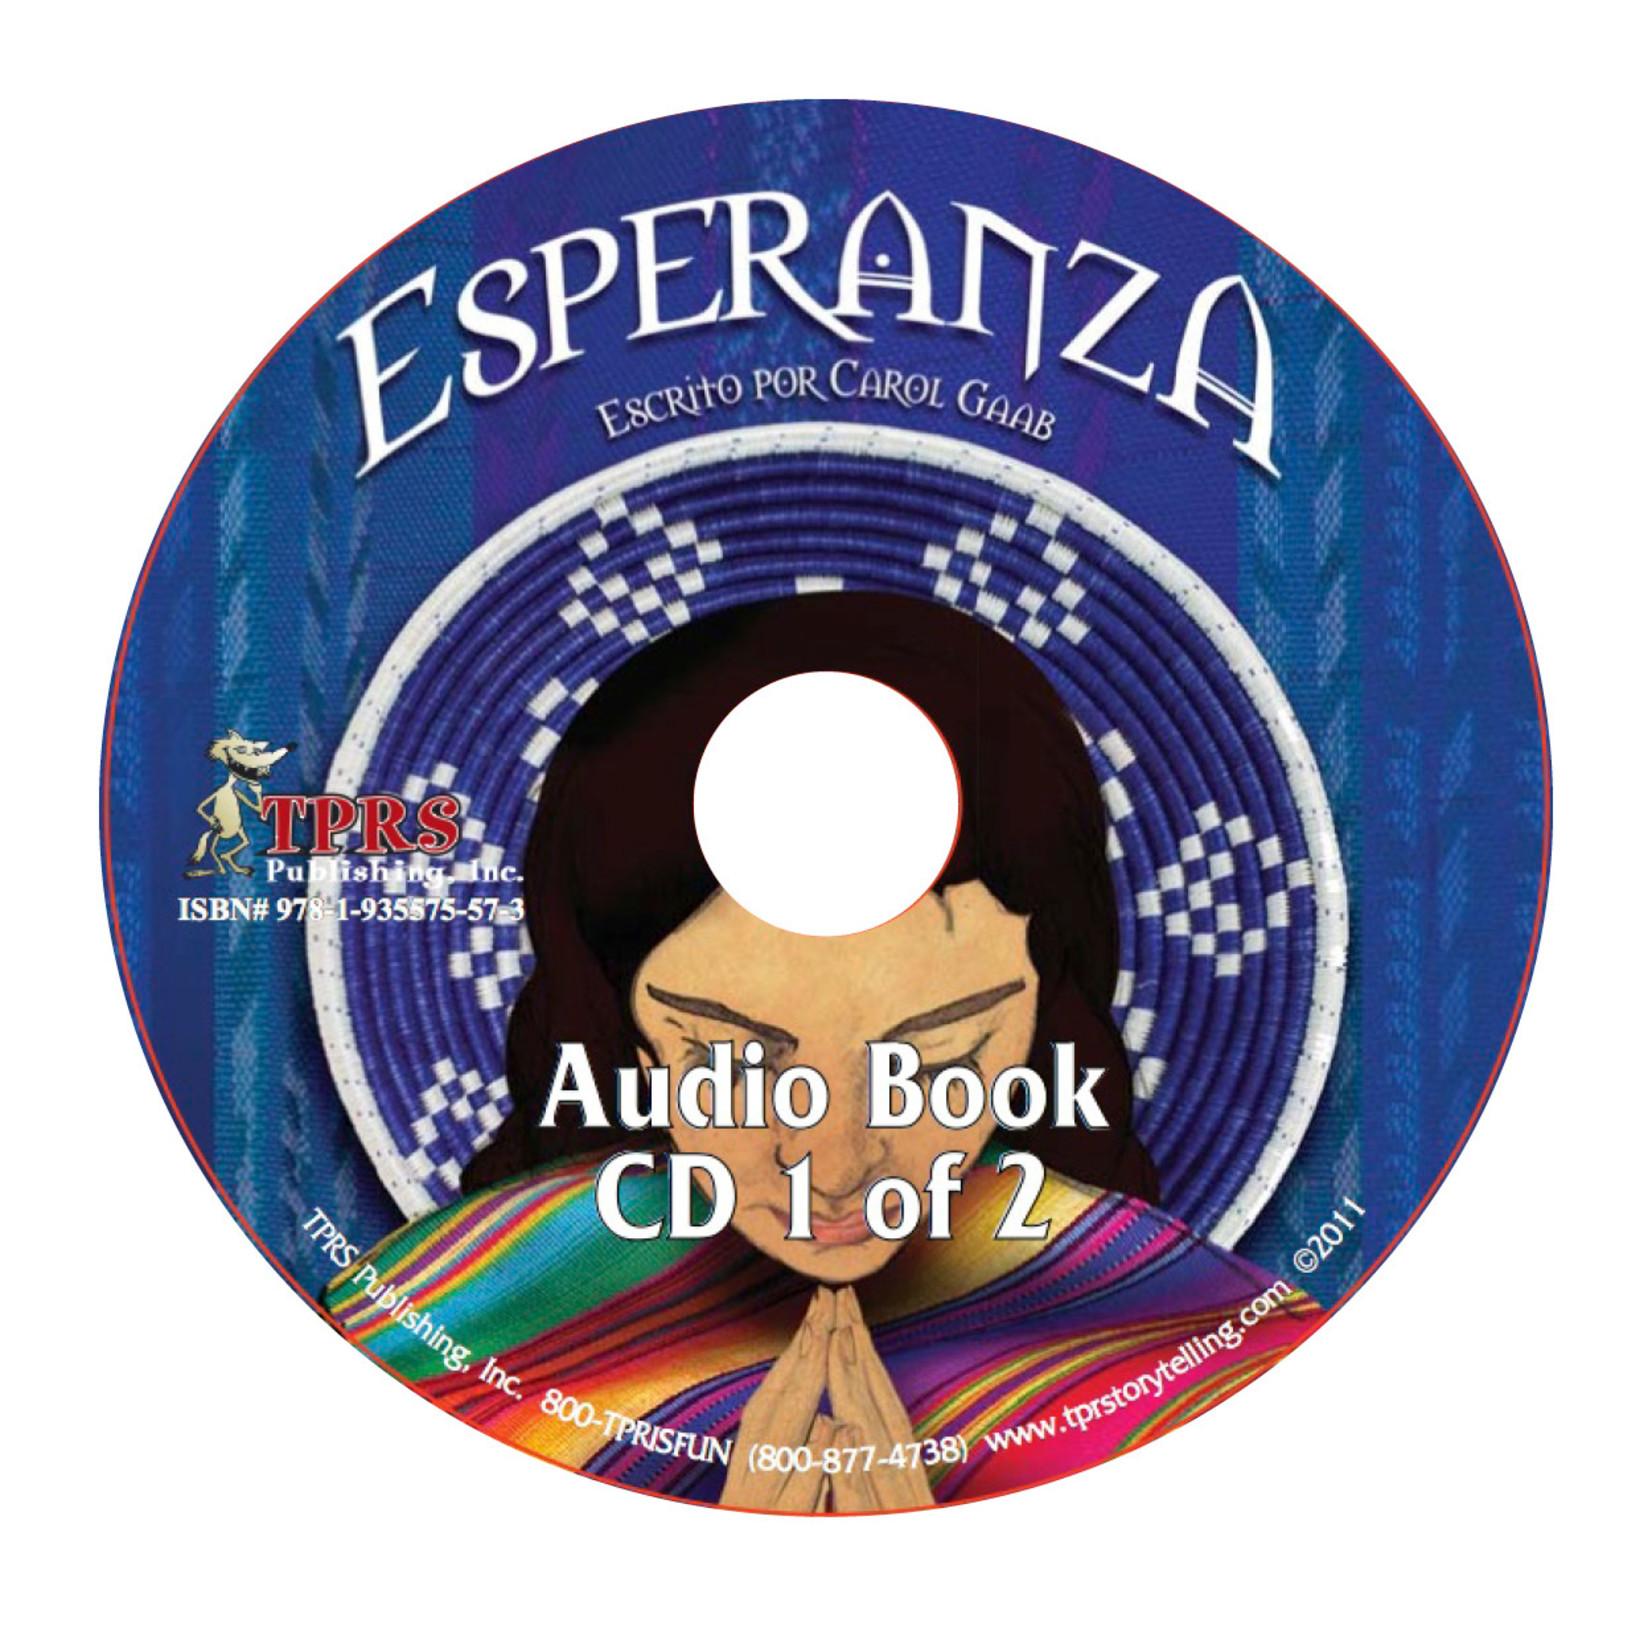 Fluency Matters Esperanza - Audiobook